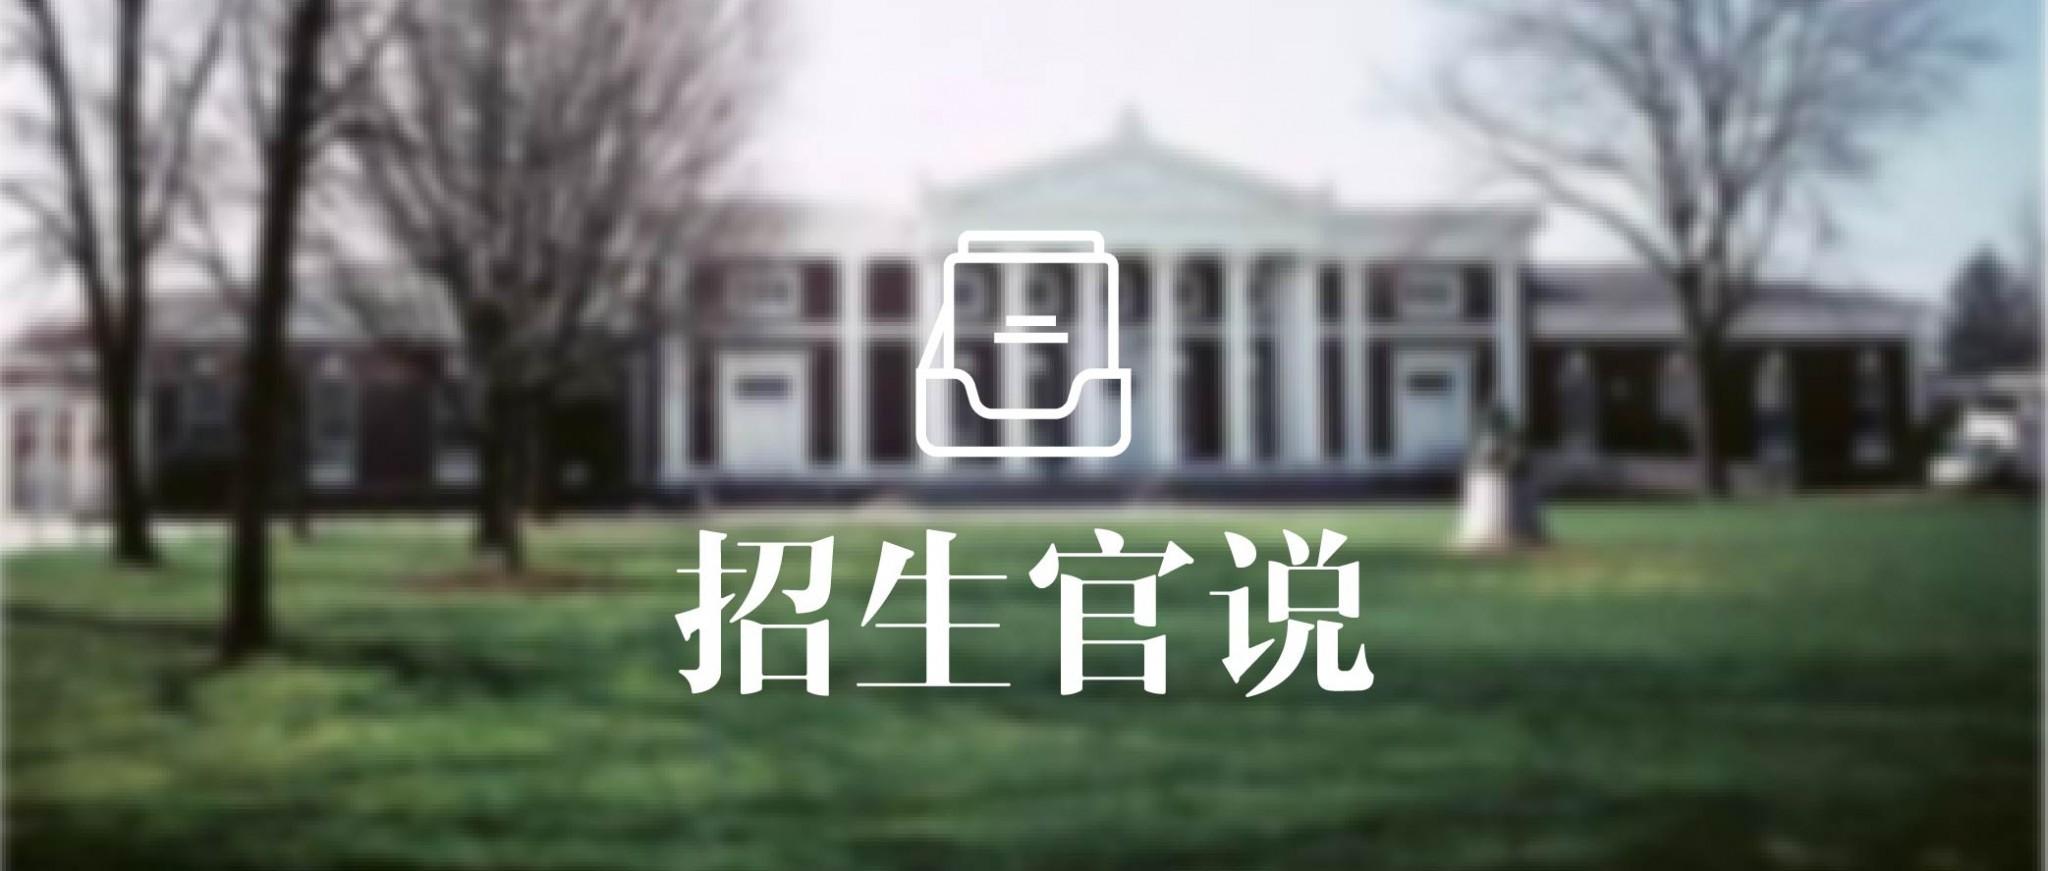 招生官说-01